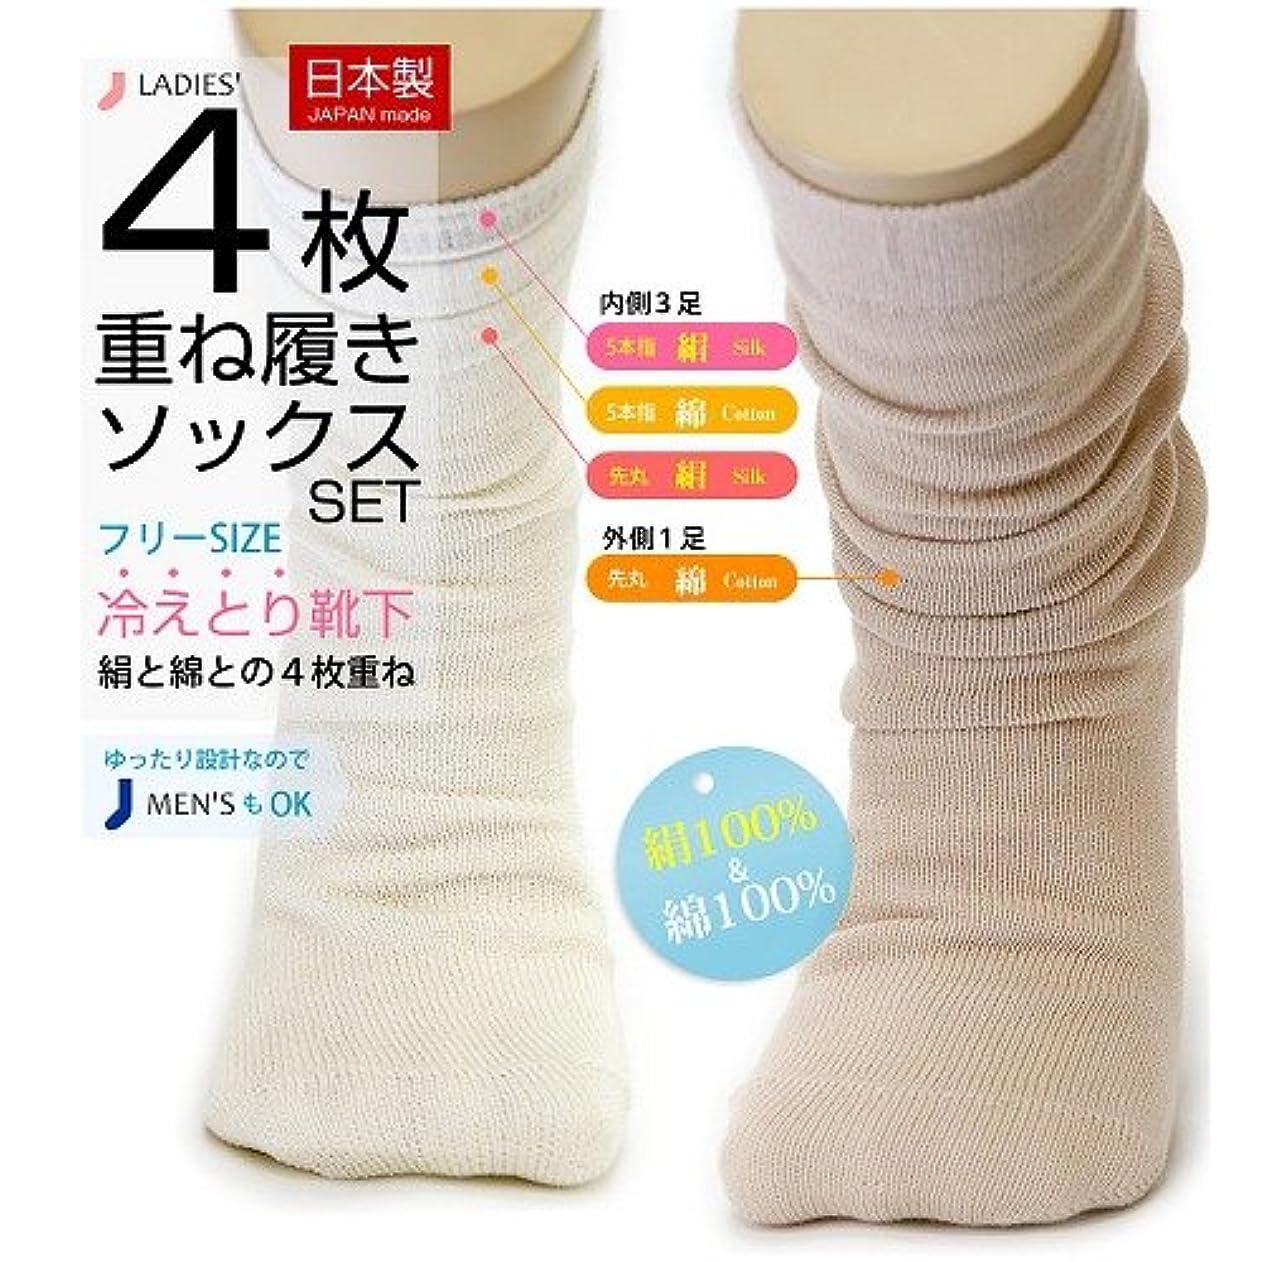 レイ億ホース冷え取り靴下 綿100%とシルク100% 最高級の日本製 4枚重ね履きセット(外側チャコール)